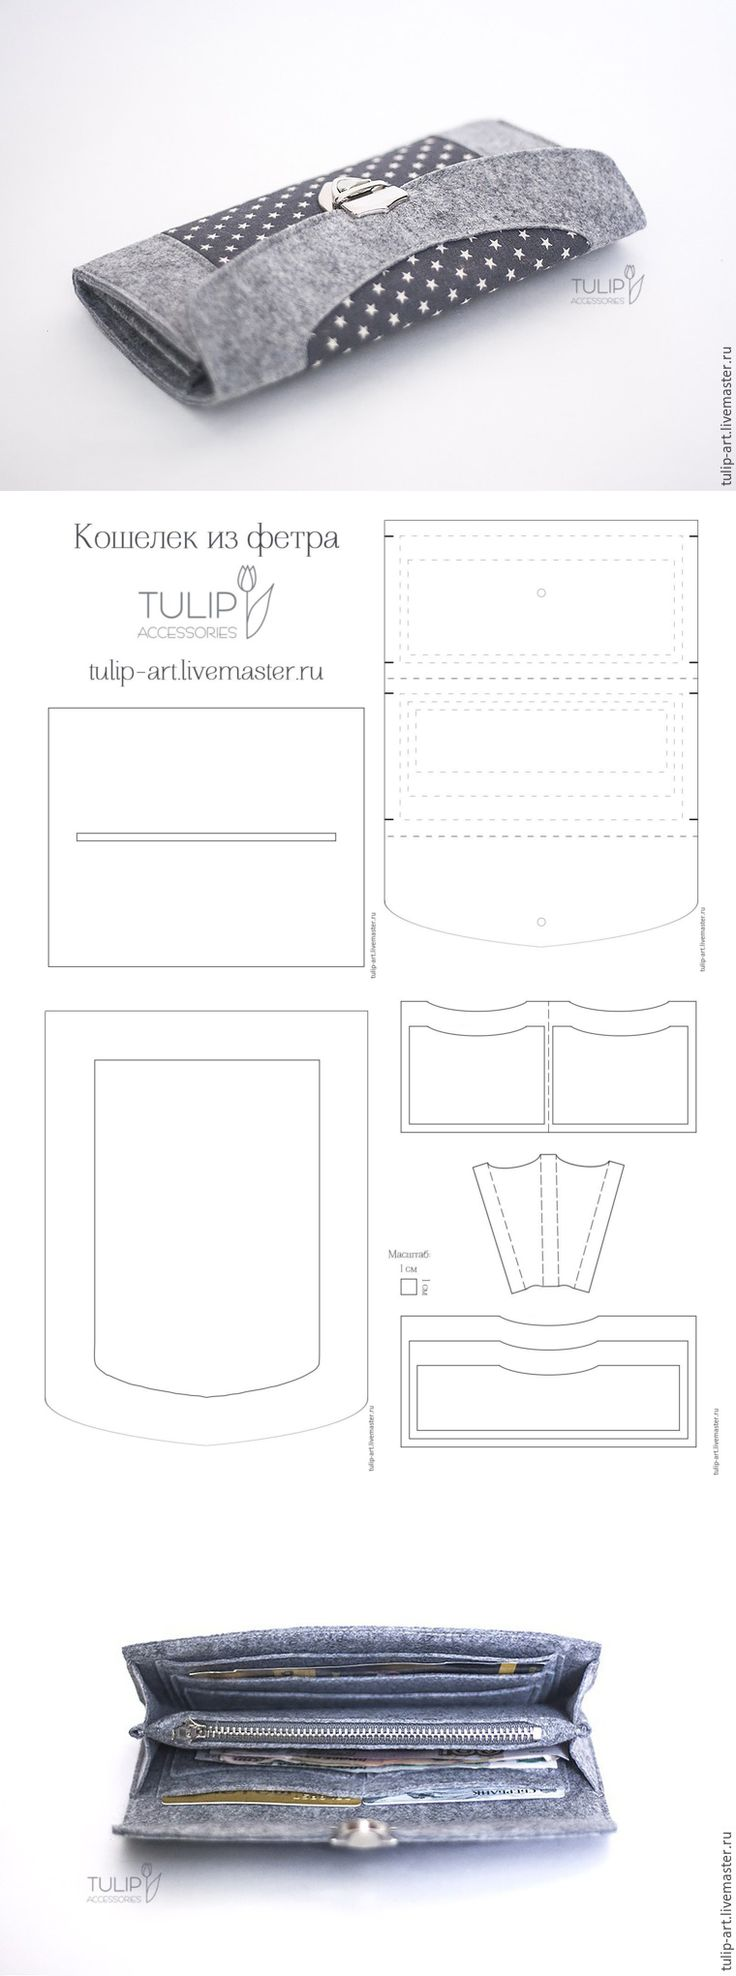 Felt wallet tutorial + pattern / Как сшить удобный вместительный кошелек из фетра, потратив минимум времени и получив максимум удовольствия Like & Repin. Noelito Flow. Noel Music.